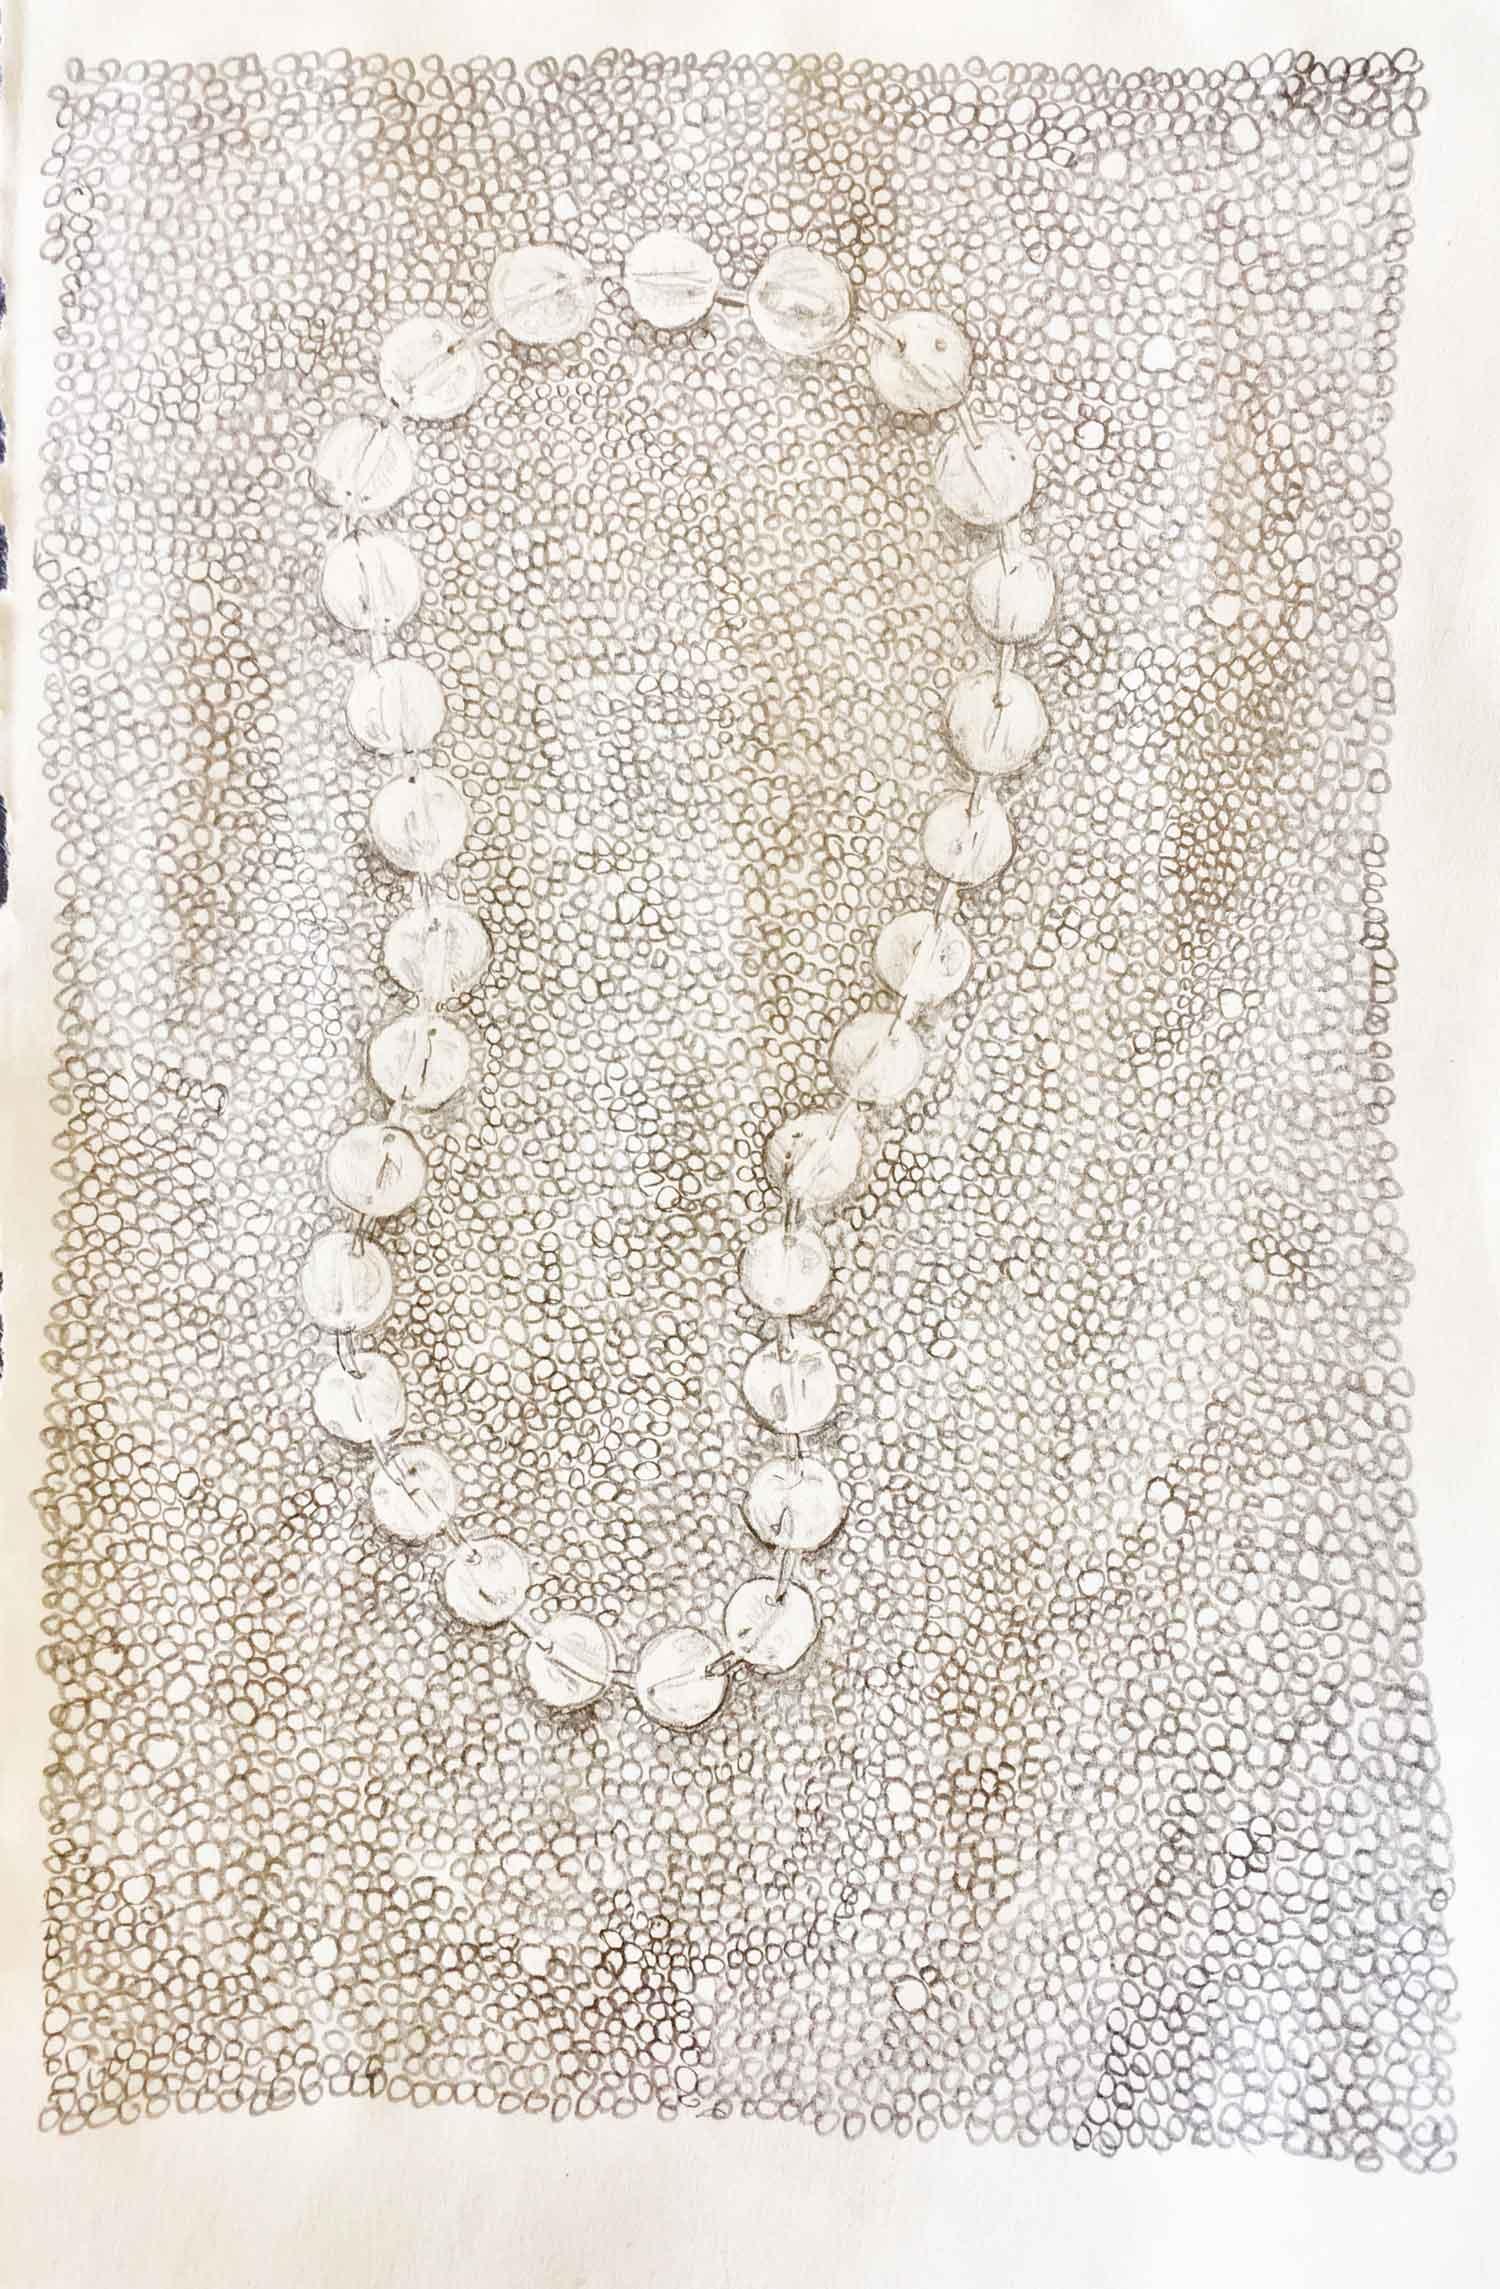 rebecca_bramwell_beads.jpg